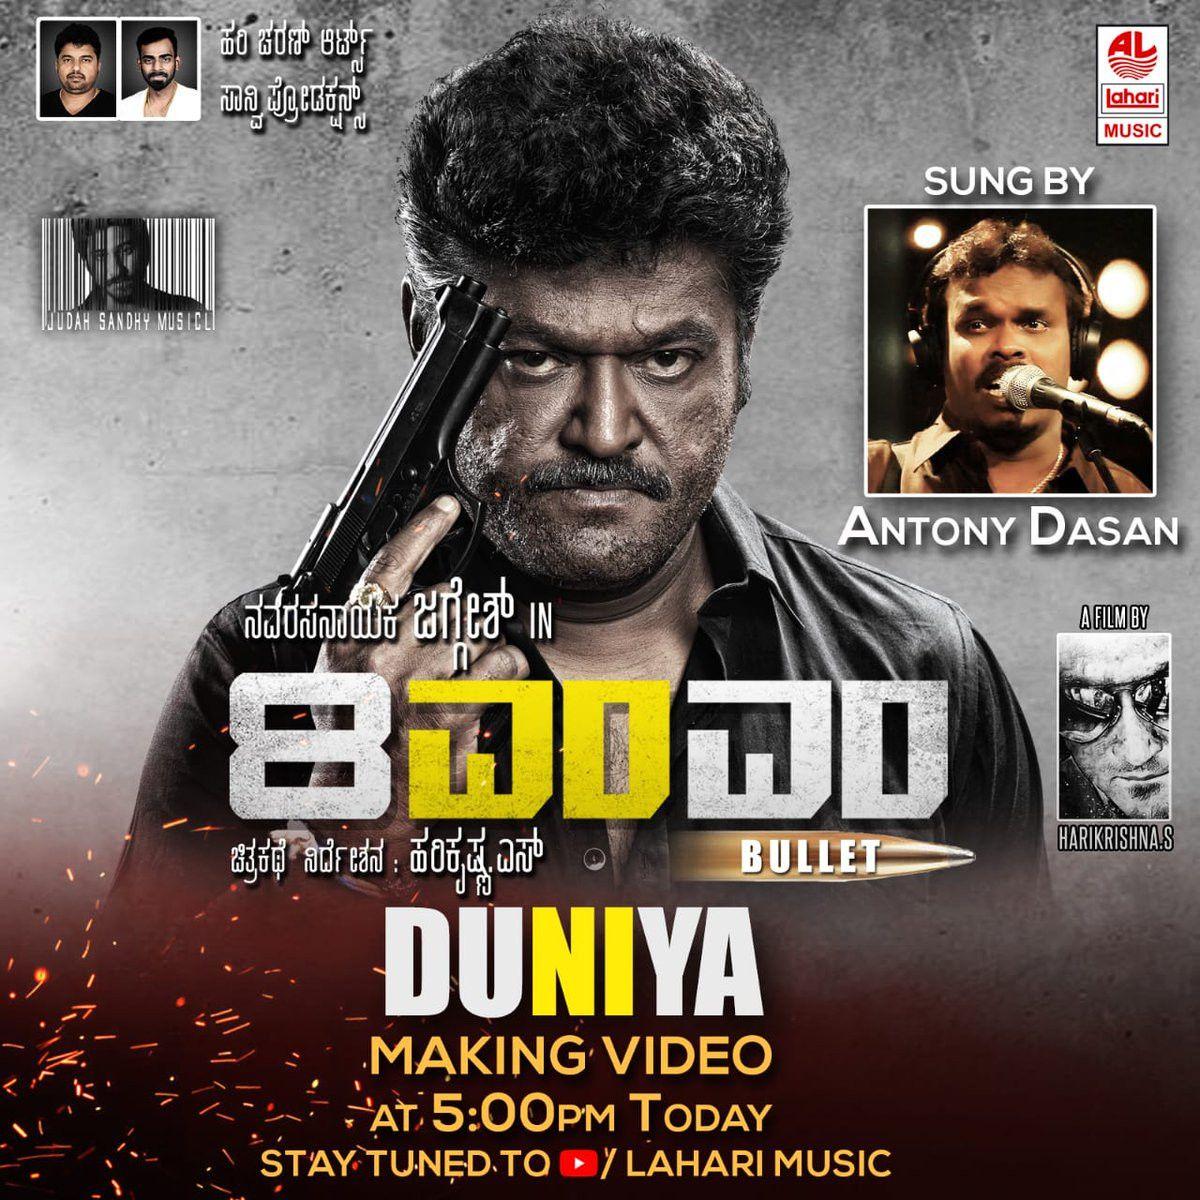 8mm Bullet 2018 720p 480p Web Hdrip Dual Audio Hindi Kannada X264 1 4gb 450mb Desiremovies Kannada Movies Hd Movies Download Movie Posters